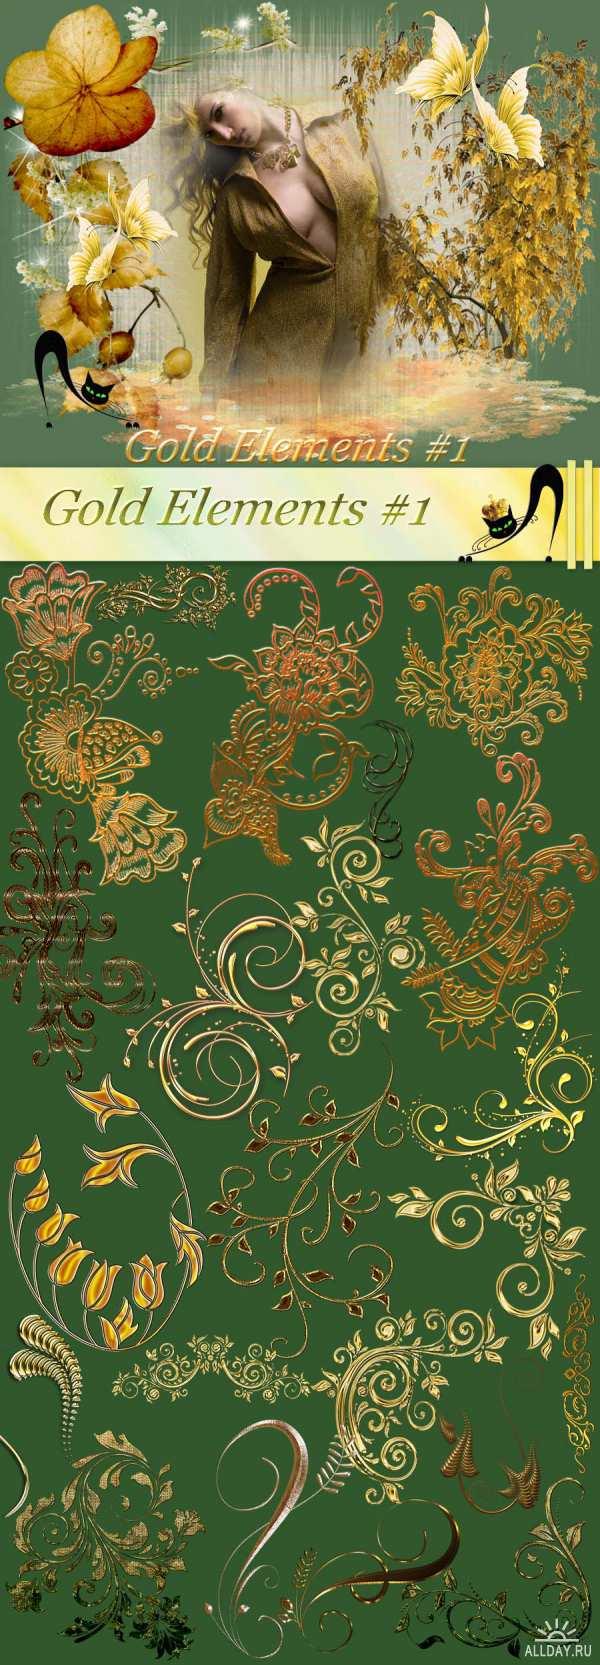 Золотые элементы дизайна - Клипарт PNG